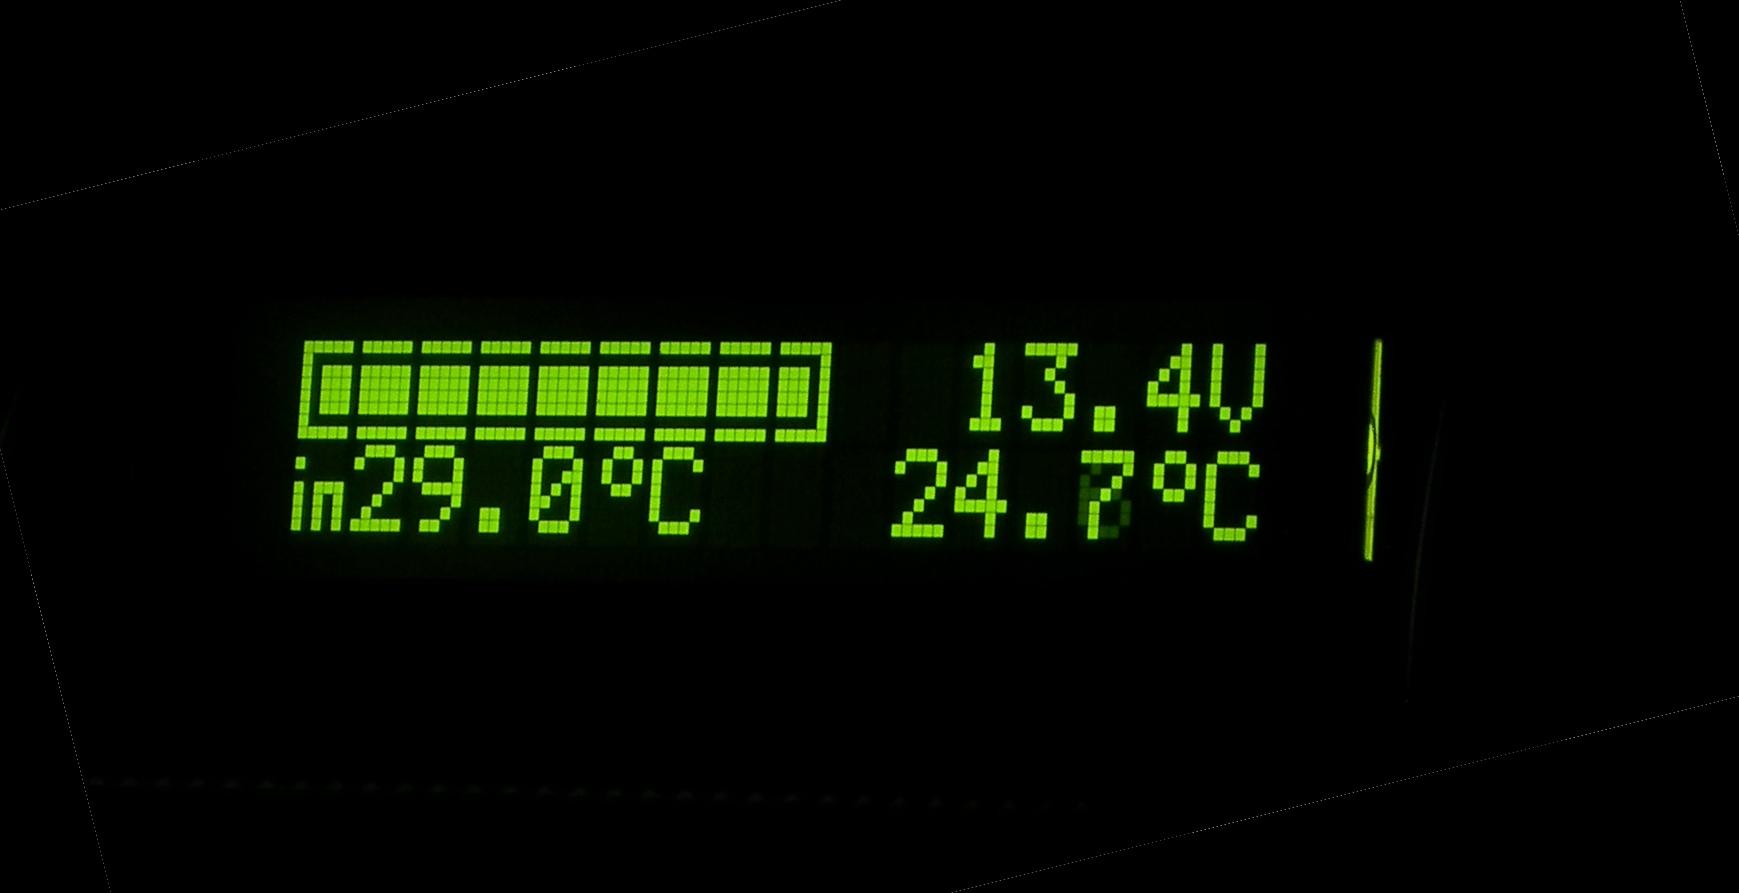 Woltomierz samochodowy ze wska�nikiem na�adowania oraz termometrem.